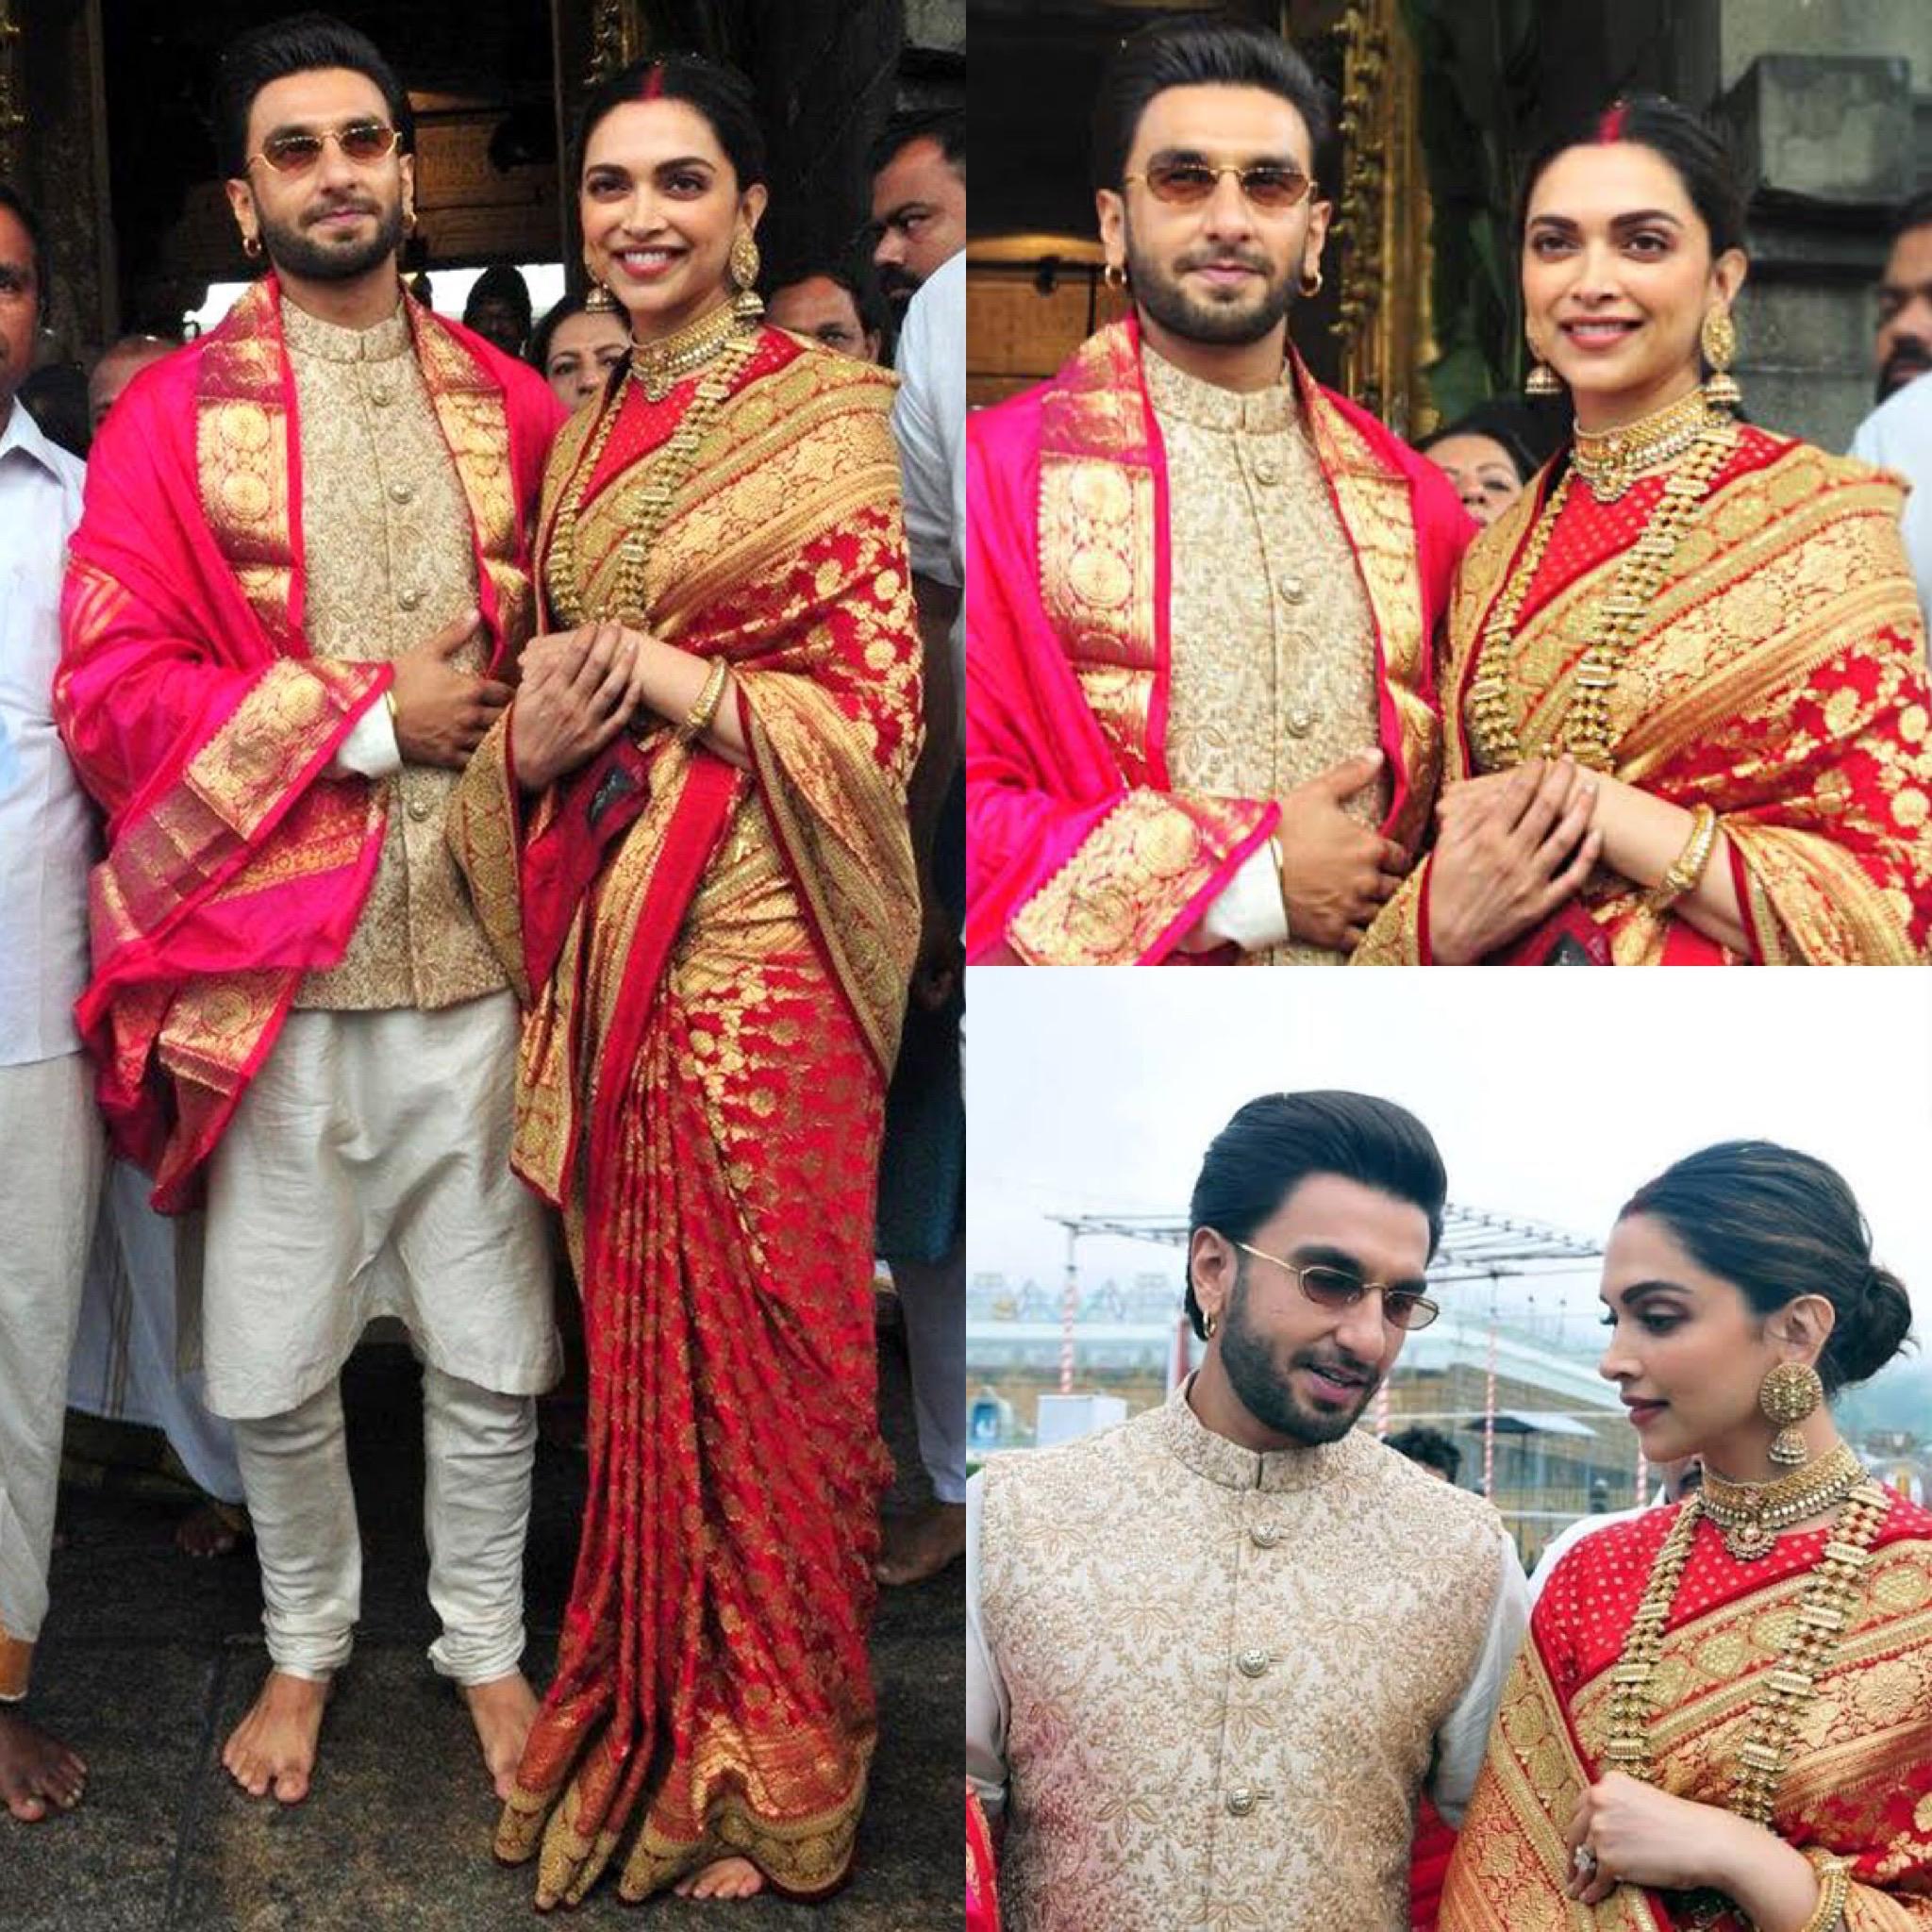 दीपिका पादुकोण और रणवीर कपूर की शादी उनके सभी प्रशंसकों का ध्यान का केंद्र थी. वैसे तो उन्होंने इस खास दिन के जश्न को बहुत ही गुप्त रखा था लेकिन बाद में तस्वीरें सामने आईं कि दीपिका ने अपनी शादी में लाल और सुनहरे रंग की साड़ी पहनी हुई थी जिसके साथ उन्होंने